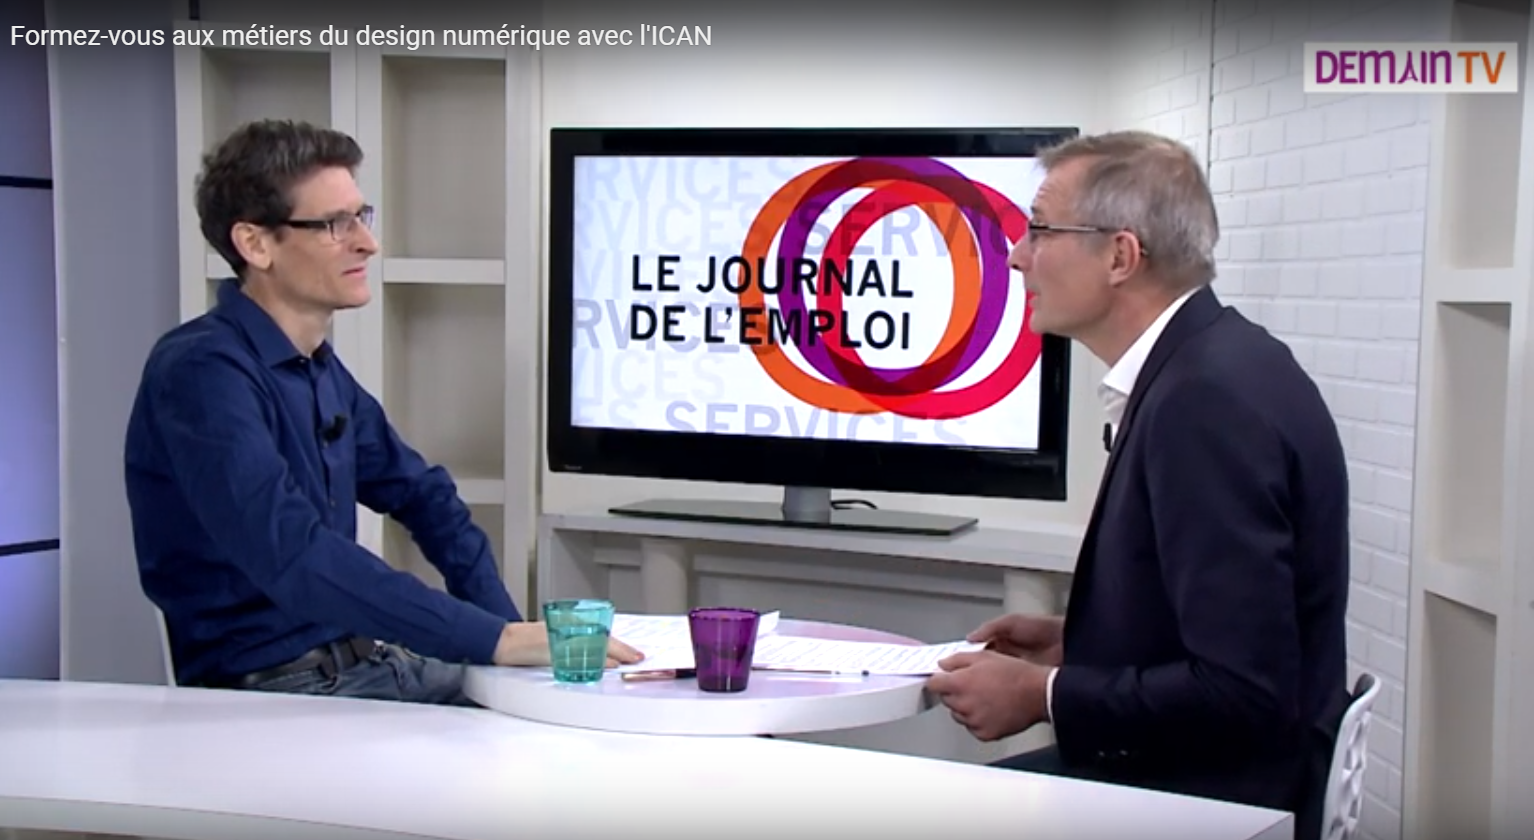 Jean-Philippe Ourry invité de Journal de l'Emploi sur Demain TV